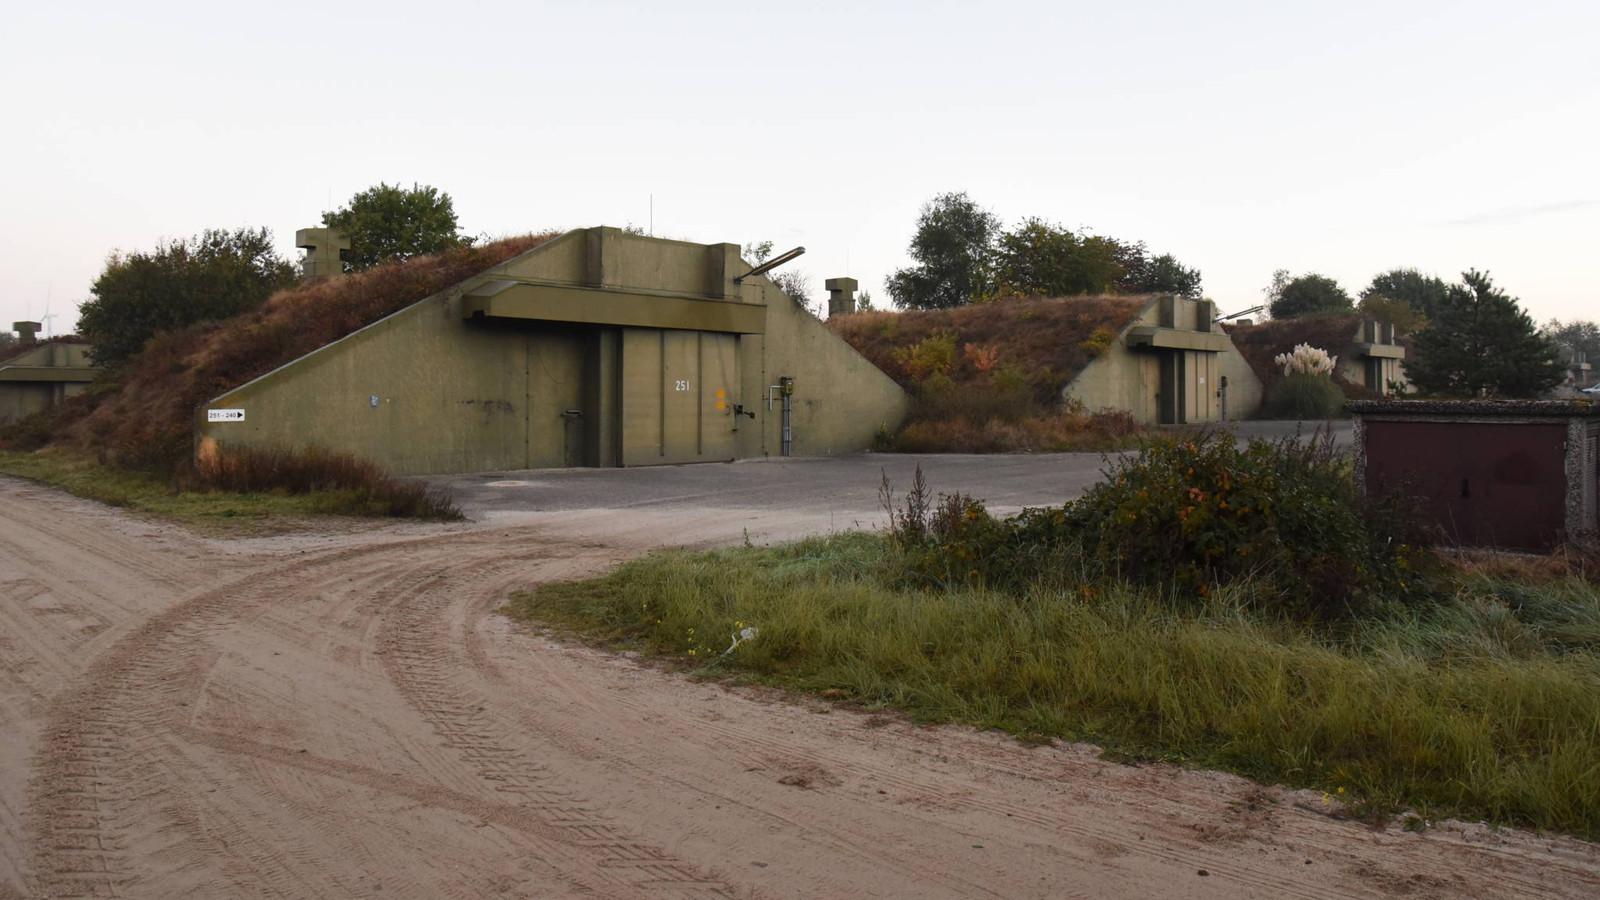 In Duitsland staan honderden van deze oude Navo-bunkers die worden gebruikt voor de opslag van in Nederland verboden knallers voor consumenten.